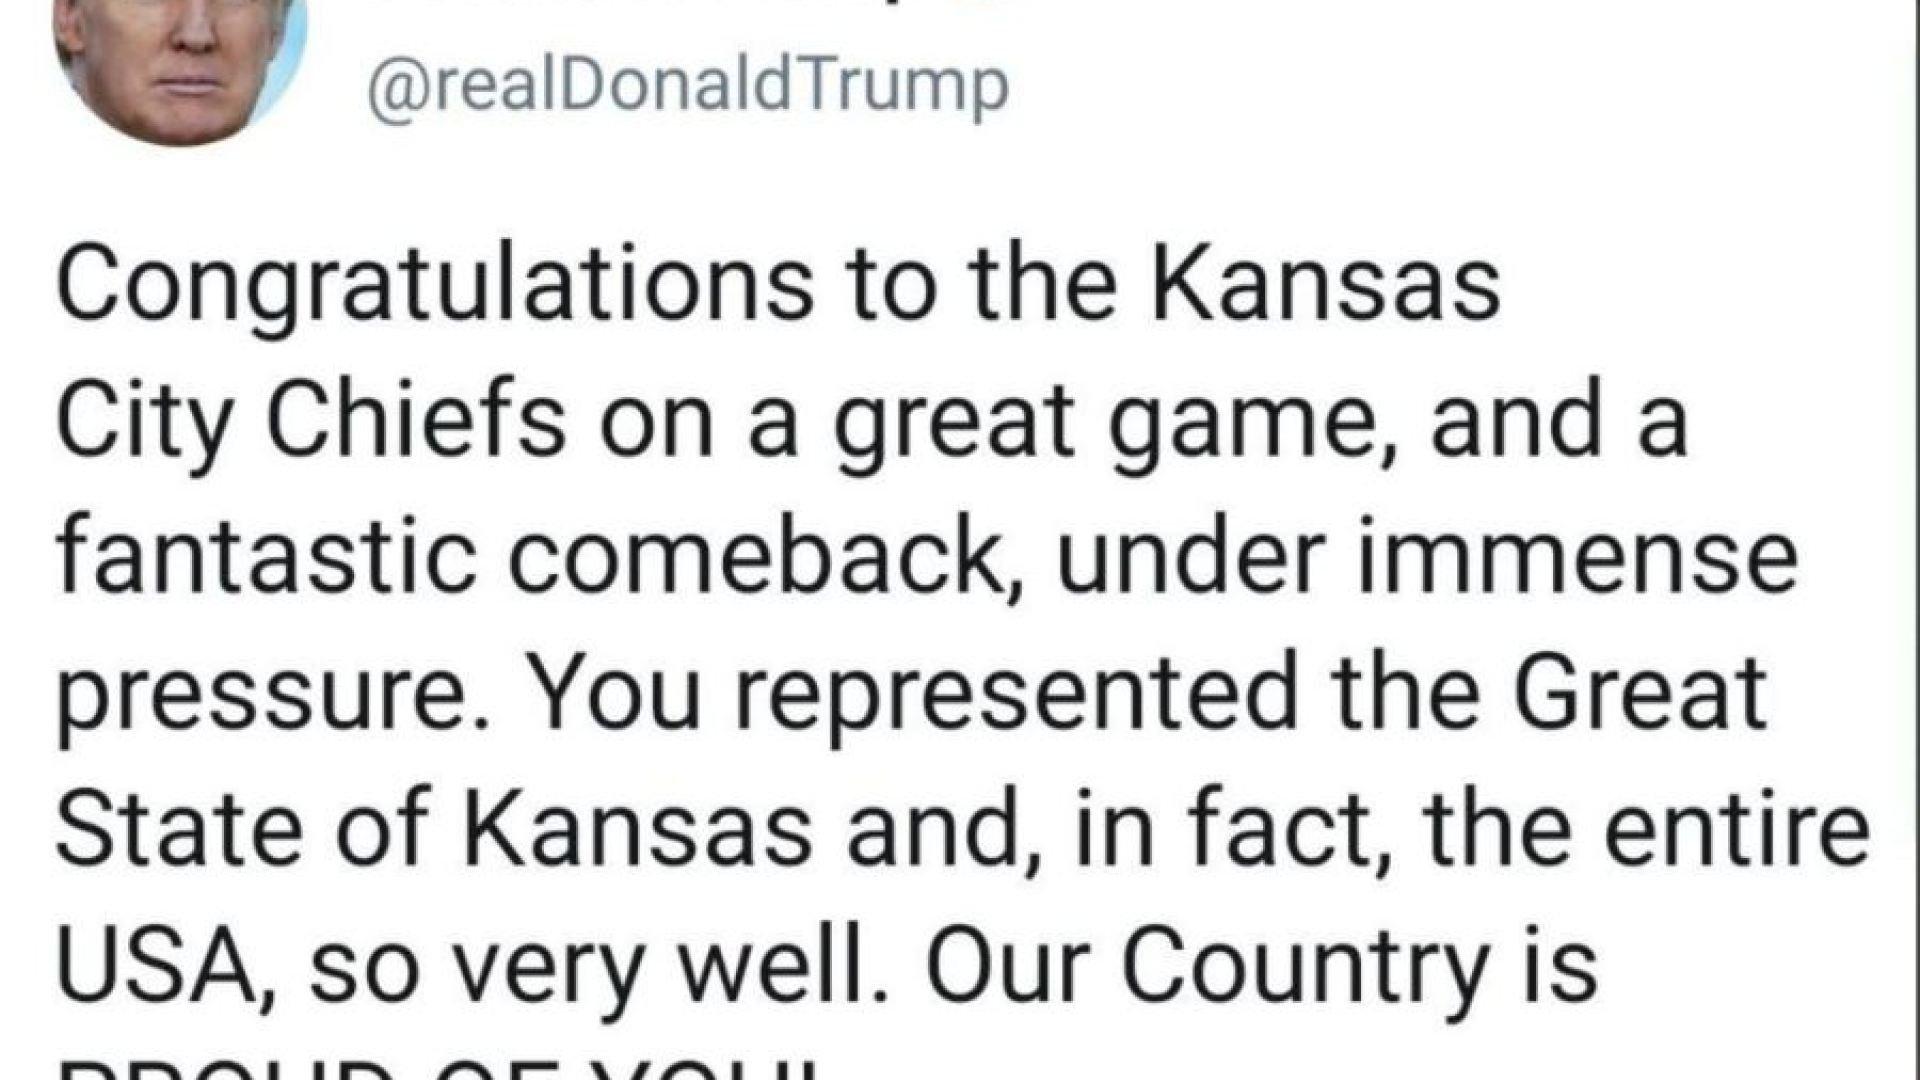 Trump fumbles tweet congratulating the Chiefs